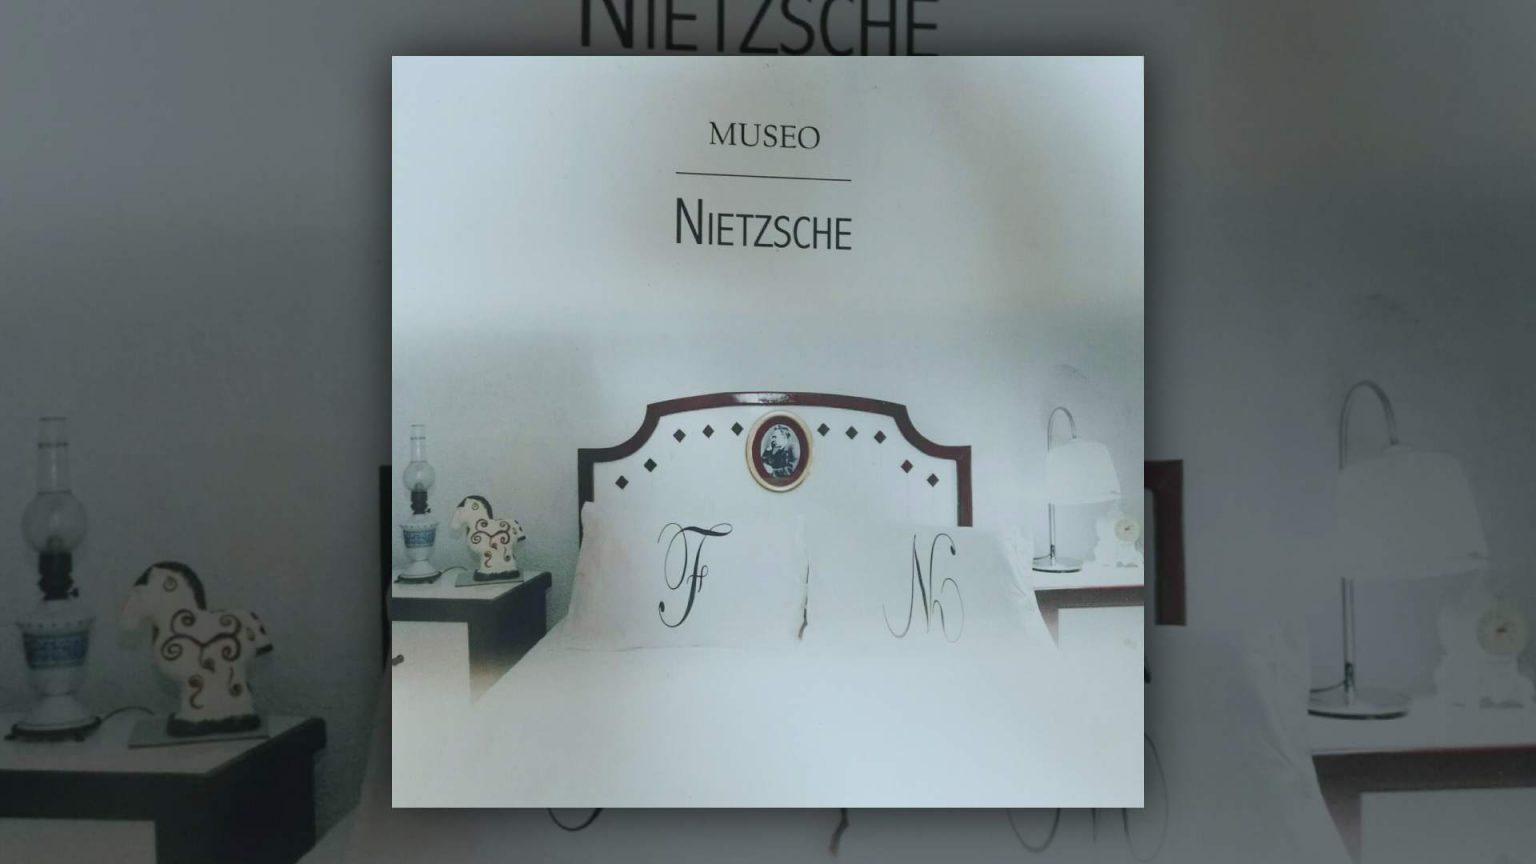 Museo de Nietzsche en Tlaxcala aspira al Récord Guinness